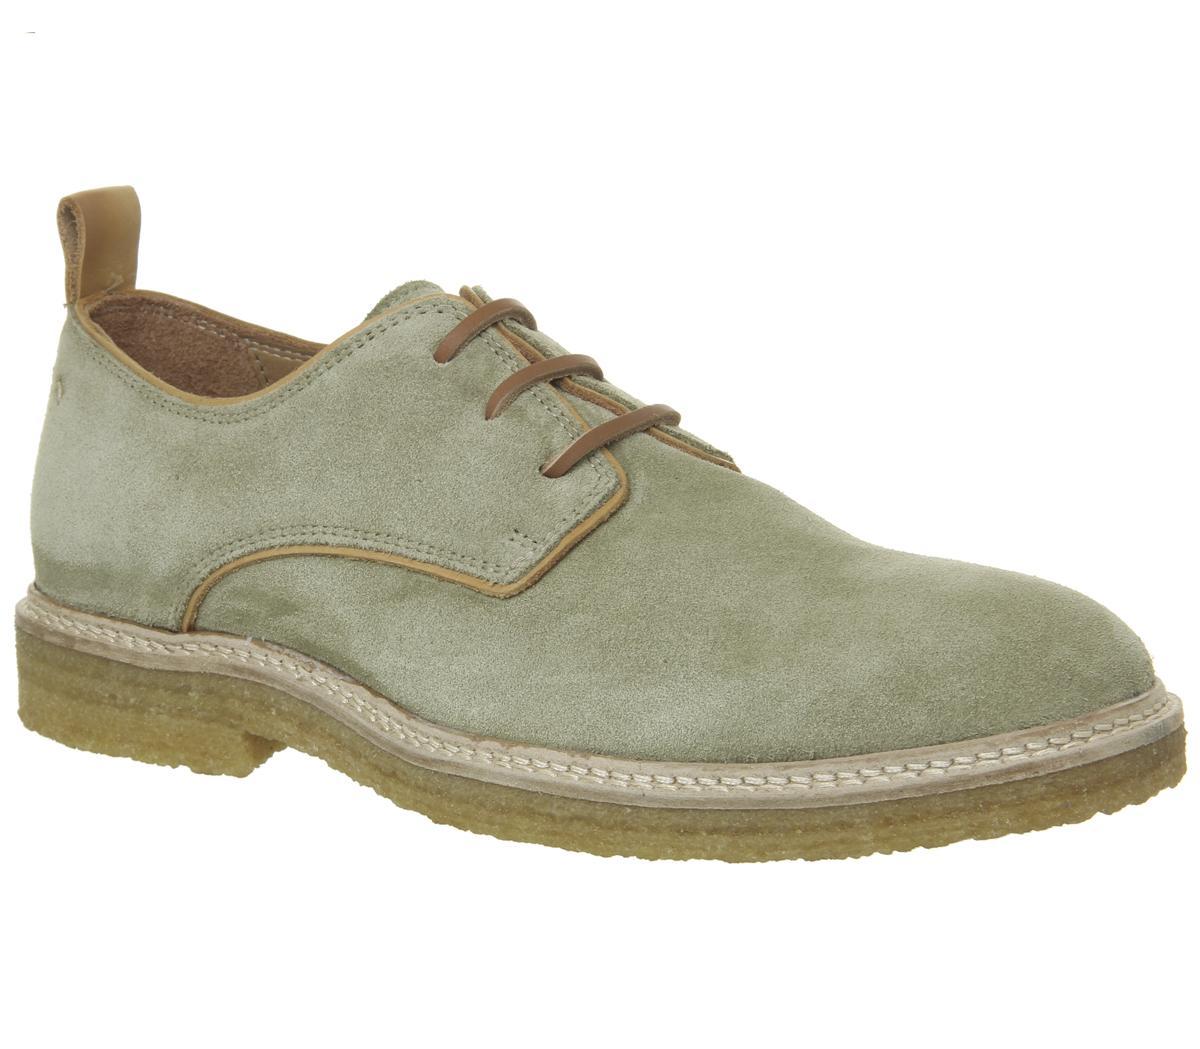 Poste For Offspring Desert Shoes